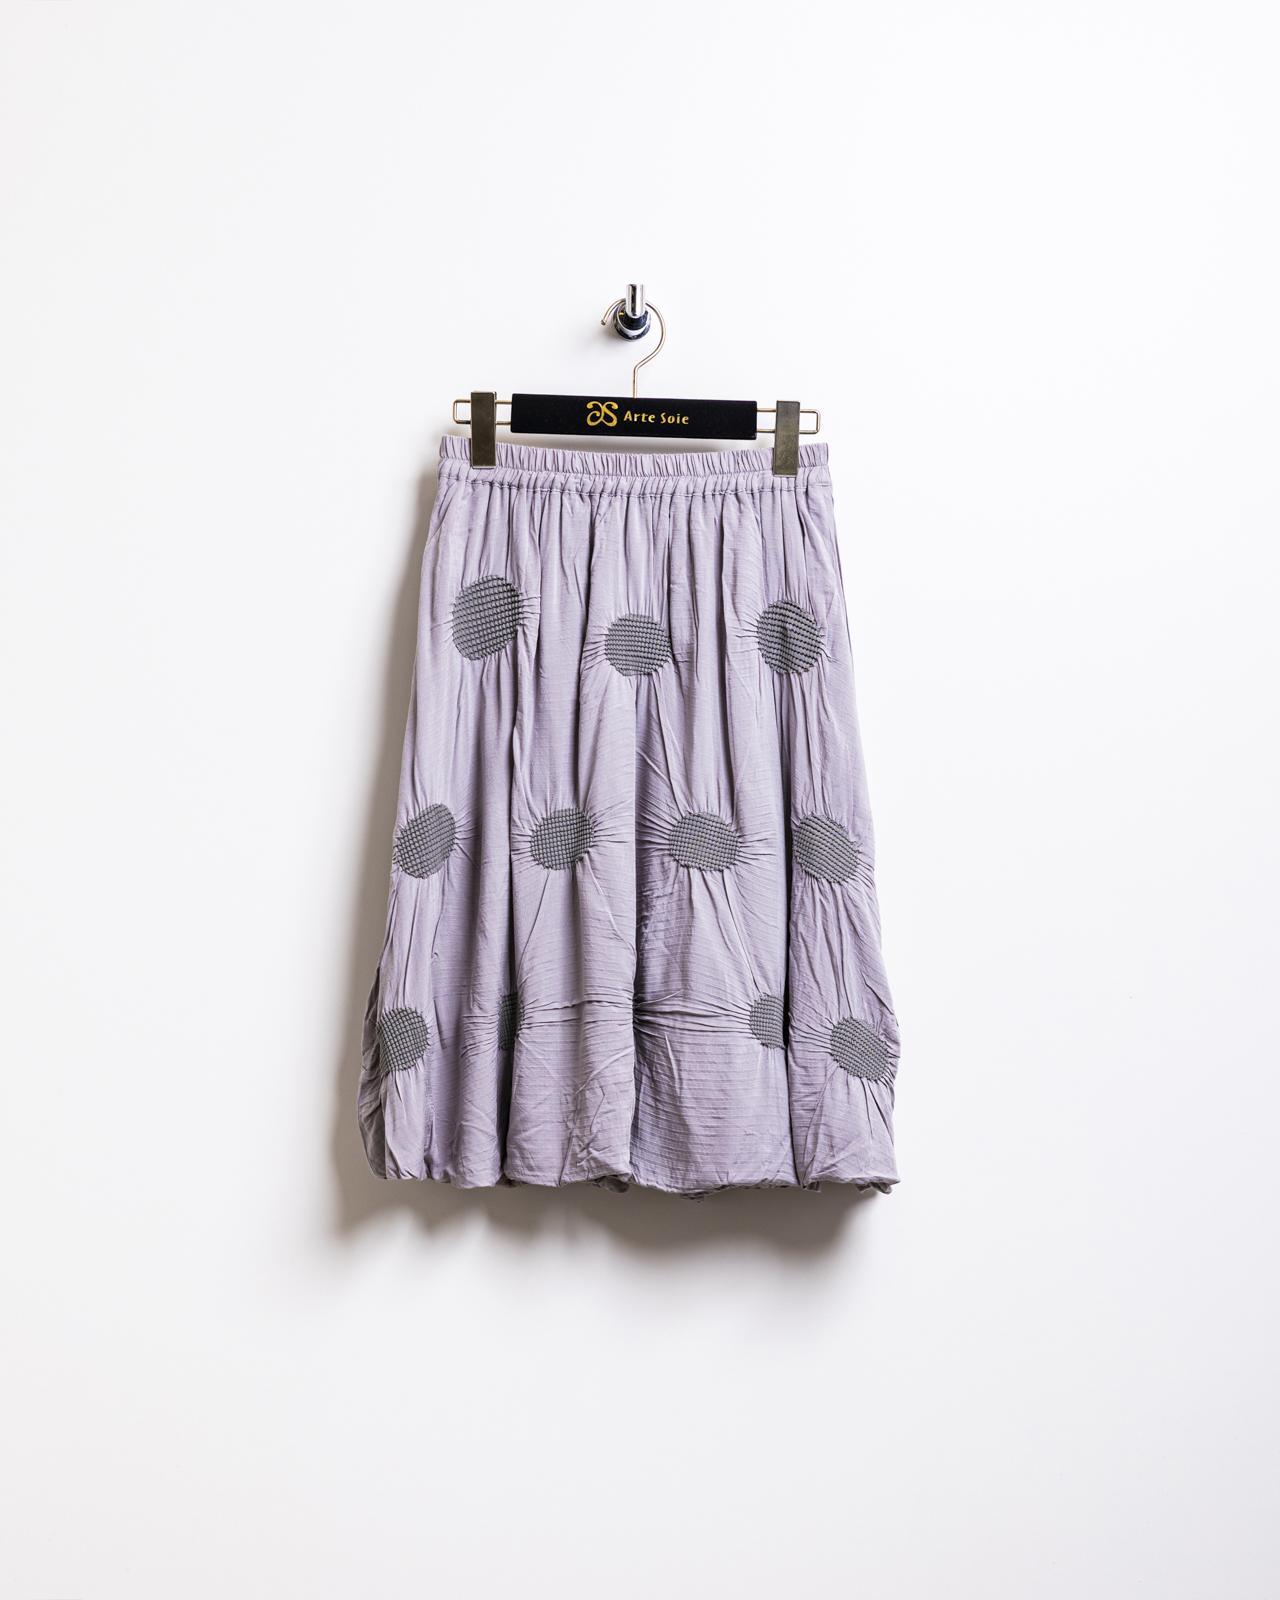 アルテソワ トレンド感漂うフェミニン プリーツスカート